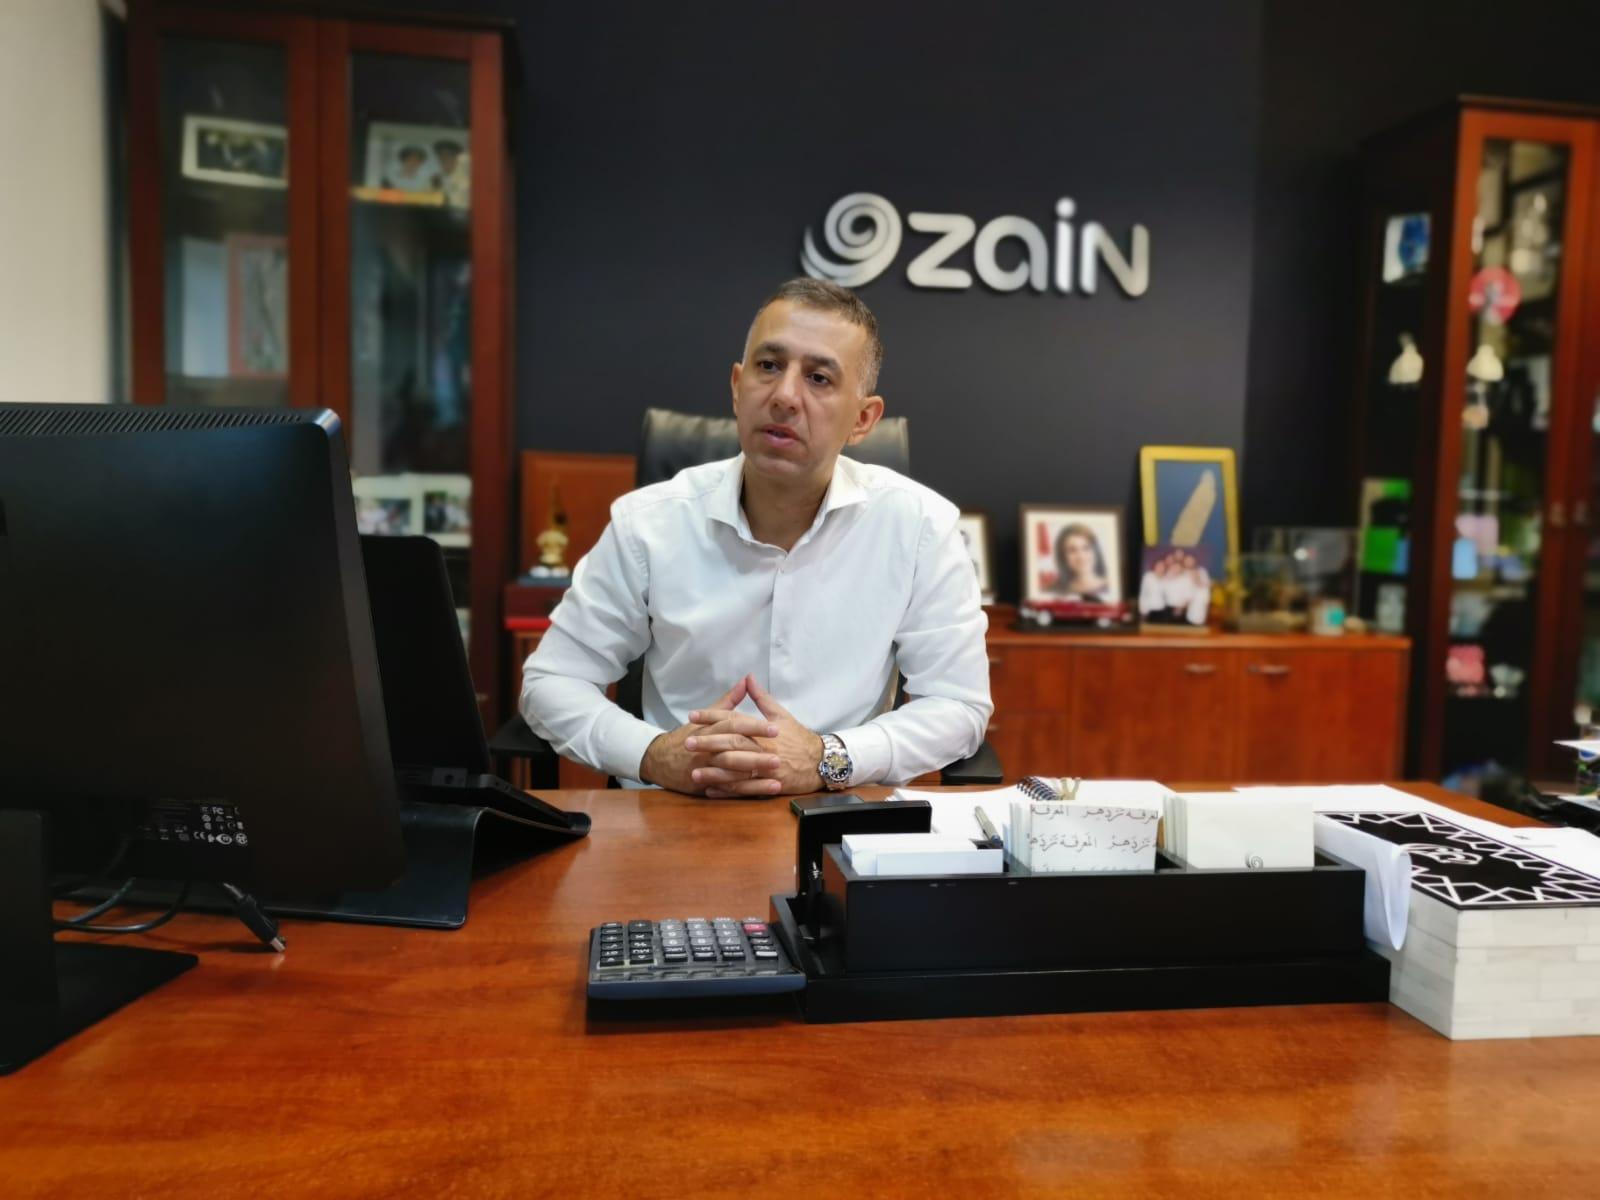 البيطار: منصّة زين للإبداع (ZINC) تساهم بشكل كبير في مواجهة التحديات التي تقف أمام روّاد الأعمال الأردنيين للنهوض ببيئة ريادة الأعمال في المملكة